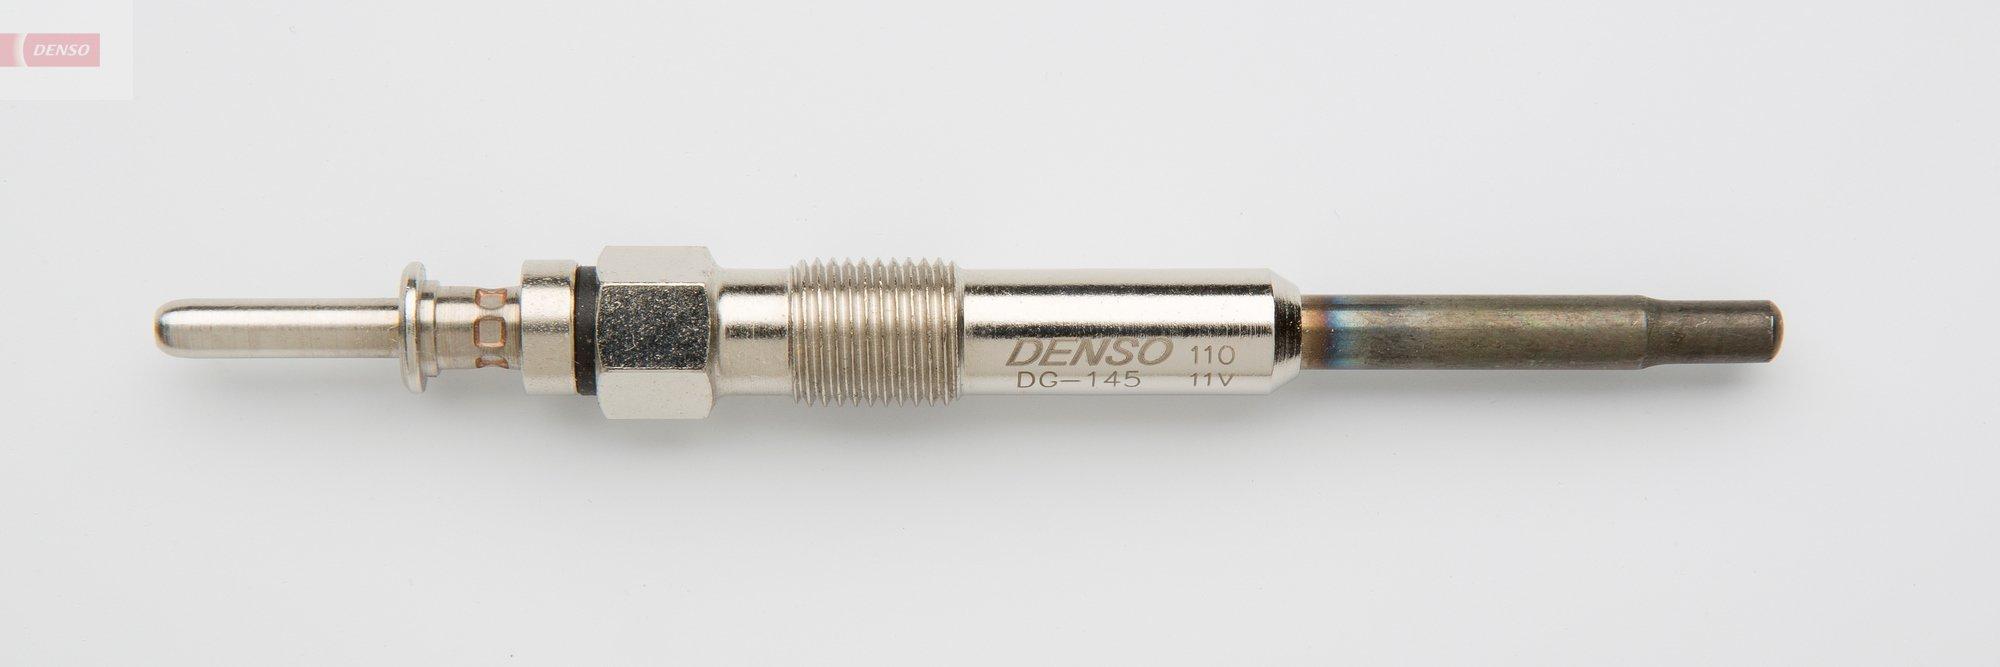 Glühkerze 11 V DENSO DG-145